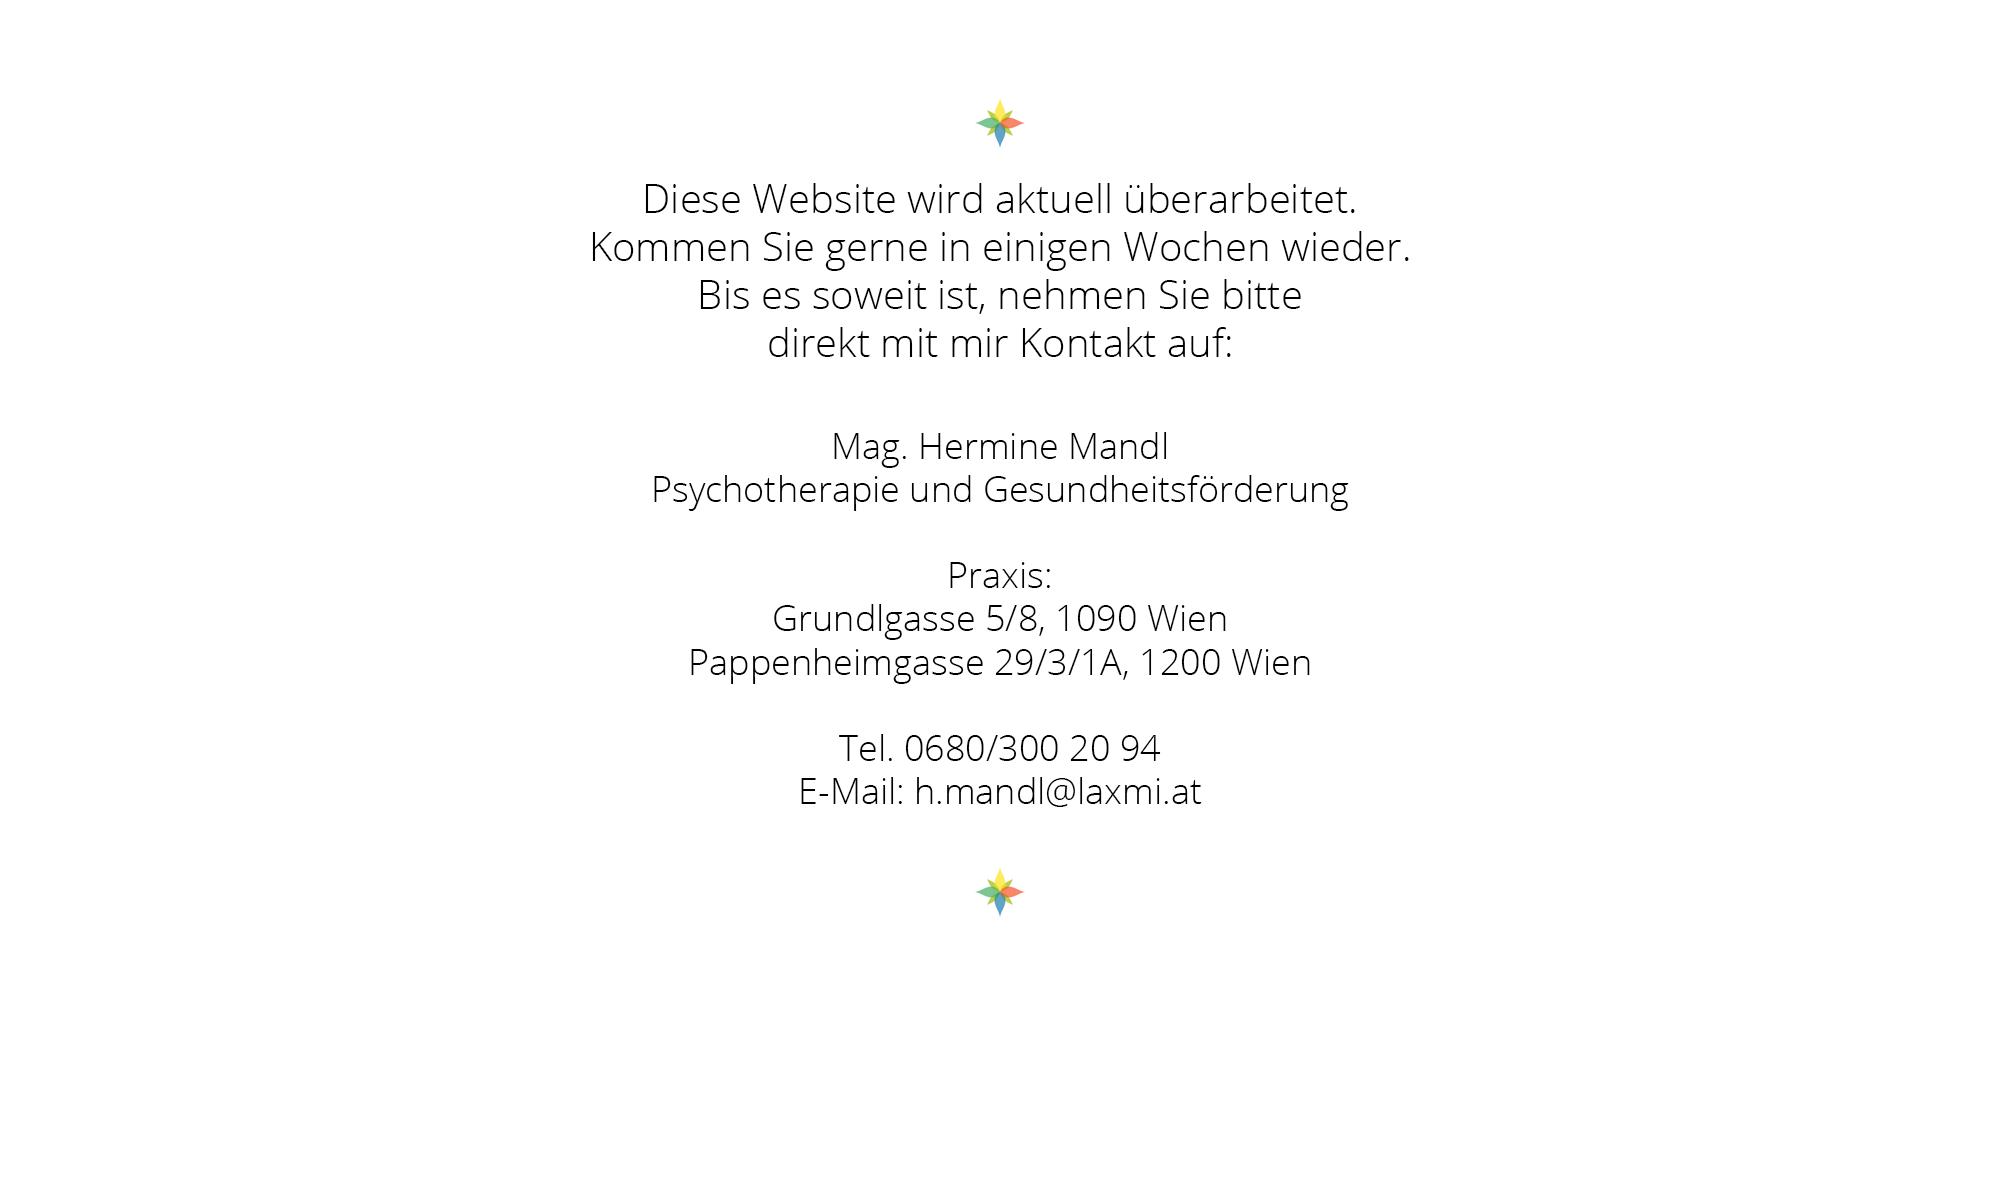 Psychotherapie Hermine Mandl